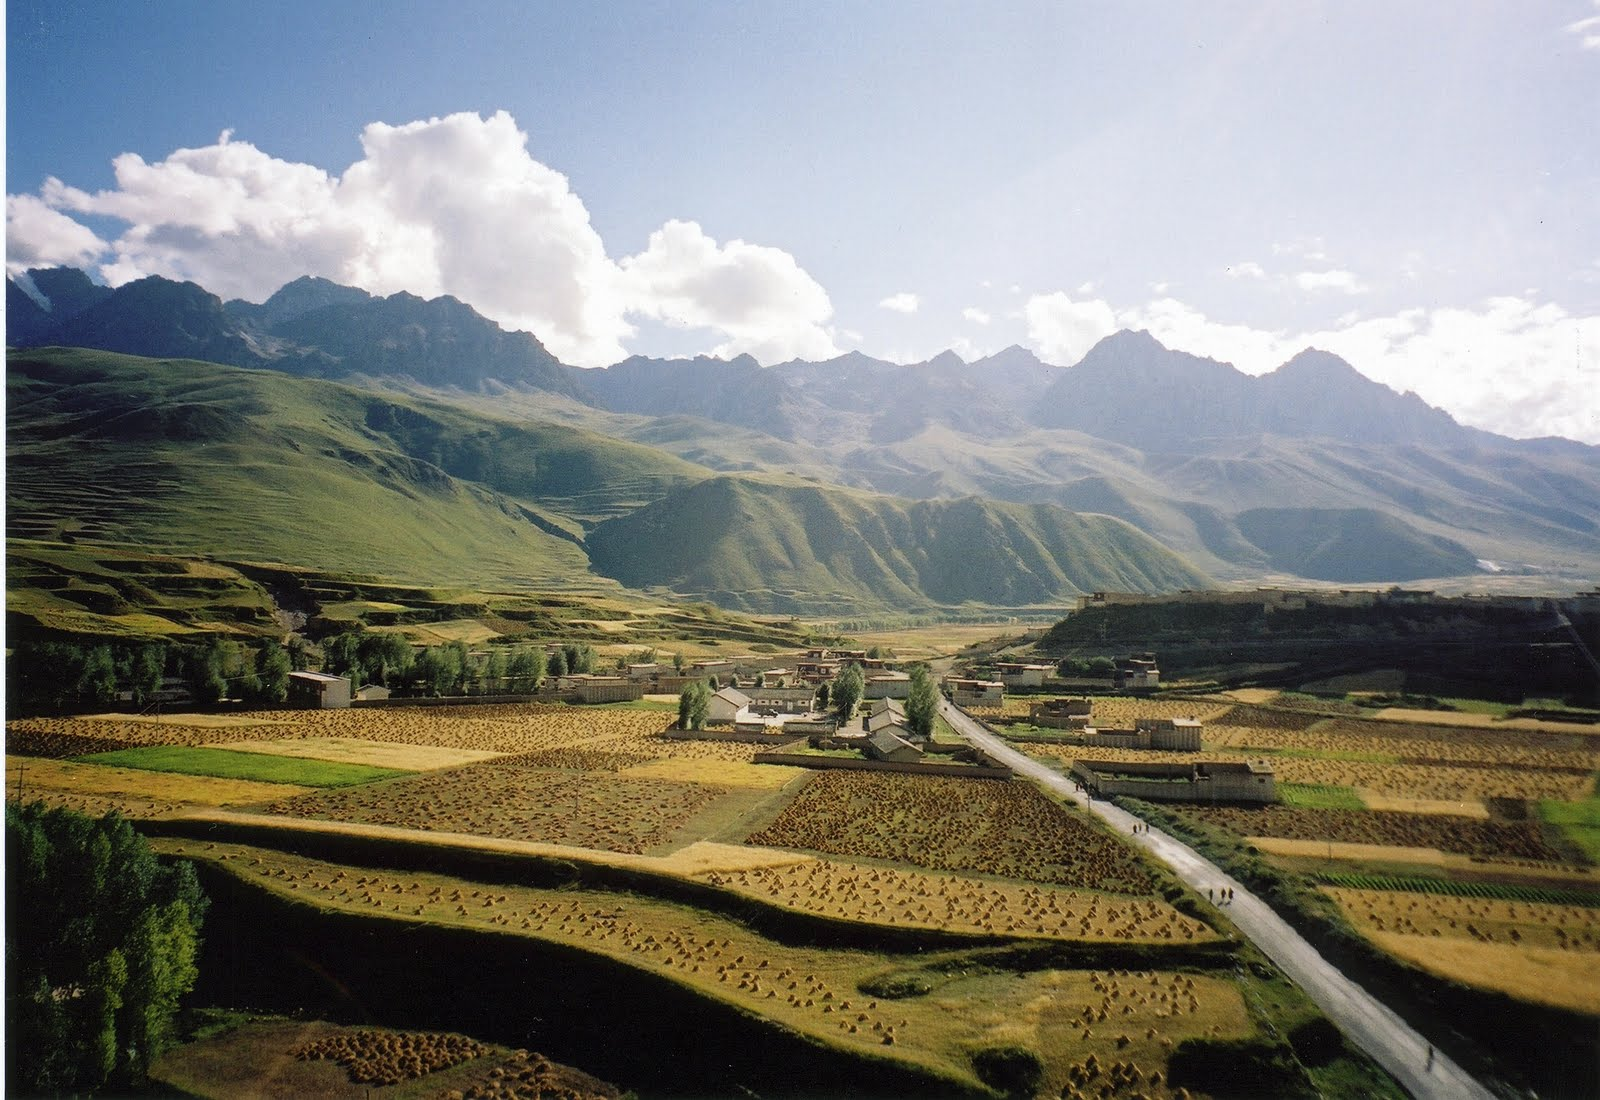 C'est de toute beauté : sites et lieux magnifiques de notre monde.  Ganzi_big